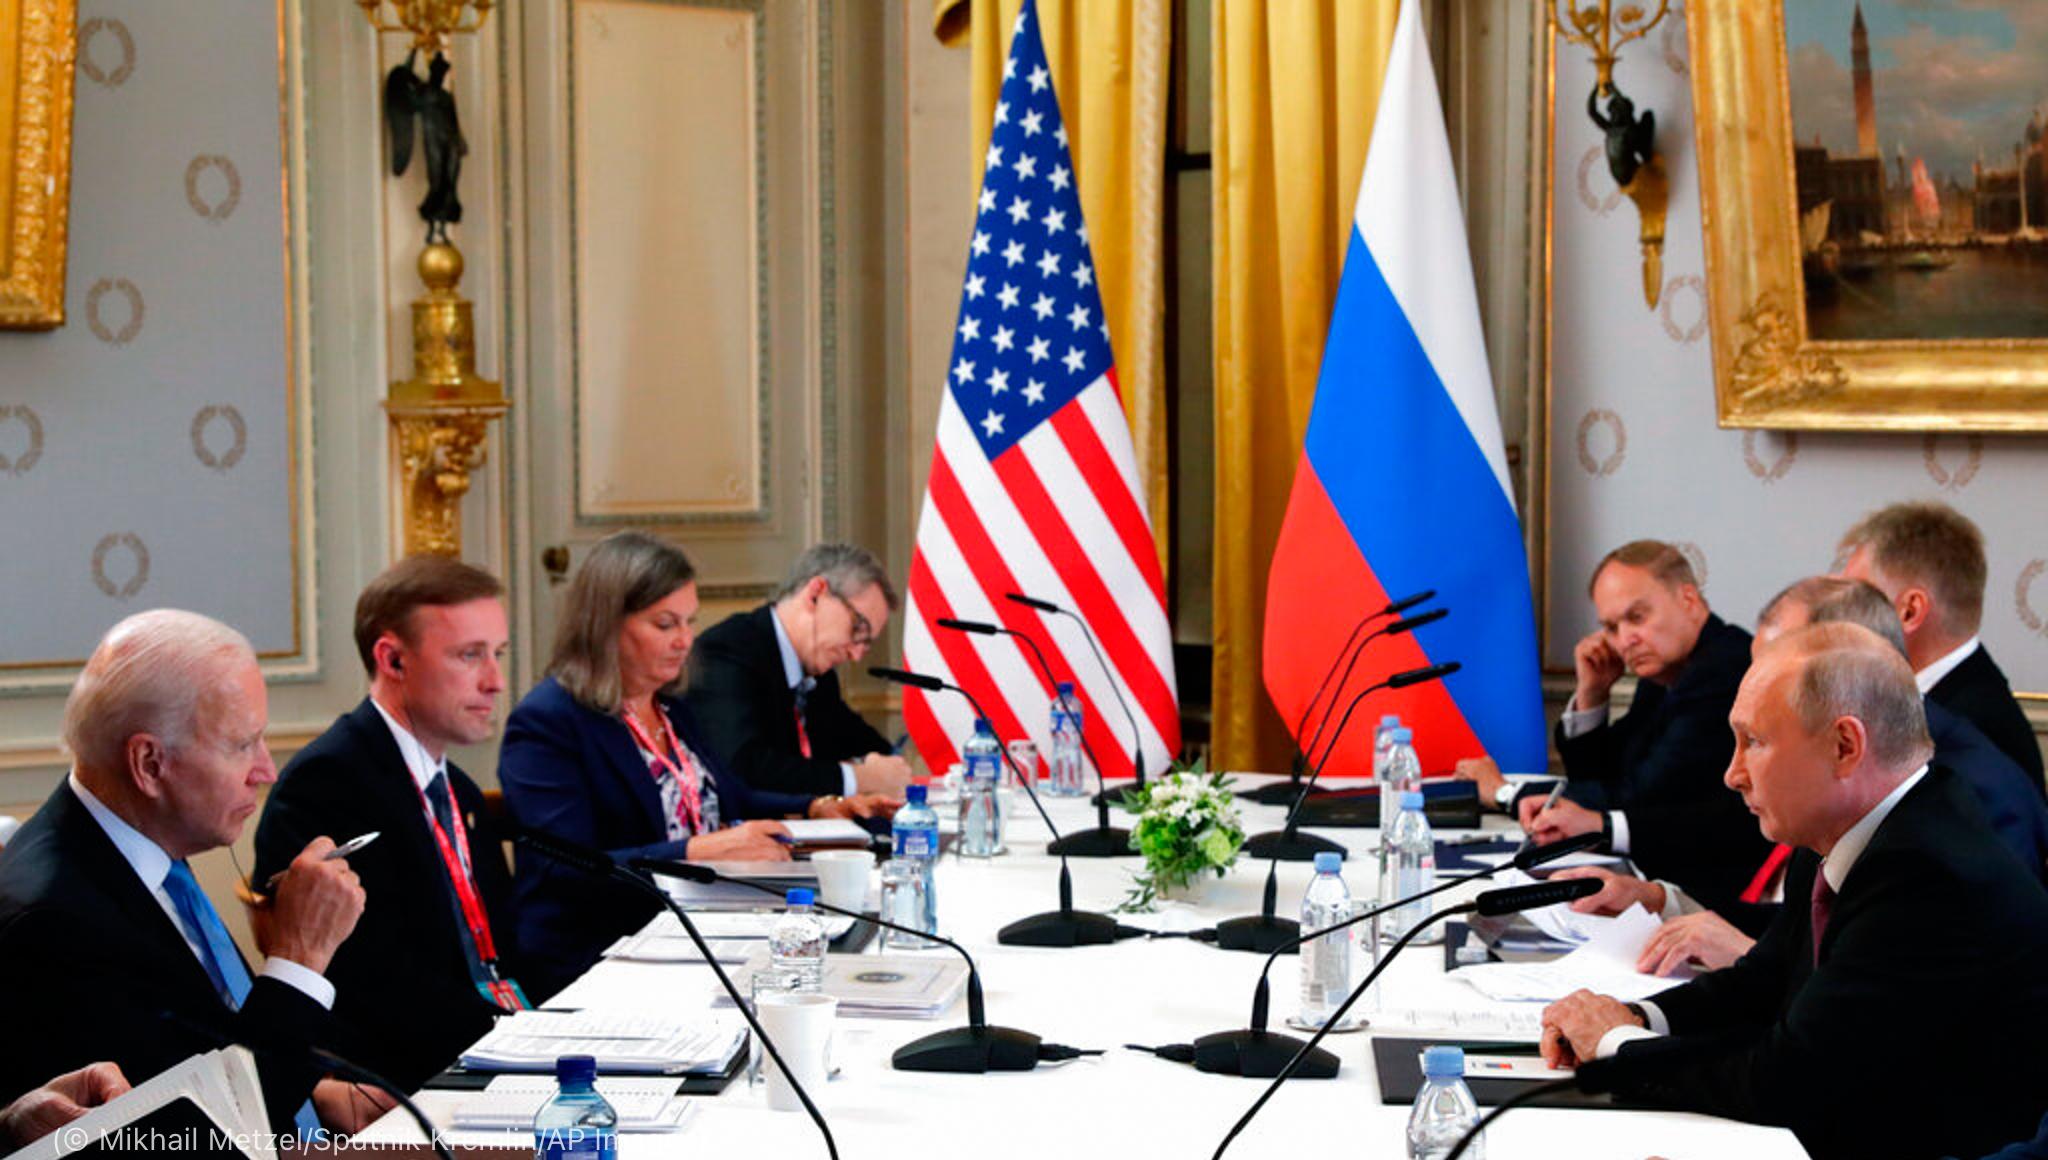 Joe Biden (au premier plan à gauche) et Vladimir Poutine (au premier plan à droite) à une table de travail avec d'autres personnes (© Mikhail Metzel/Sputnik Kremlin/AP Images)